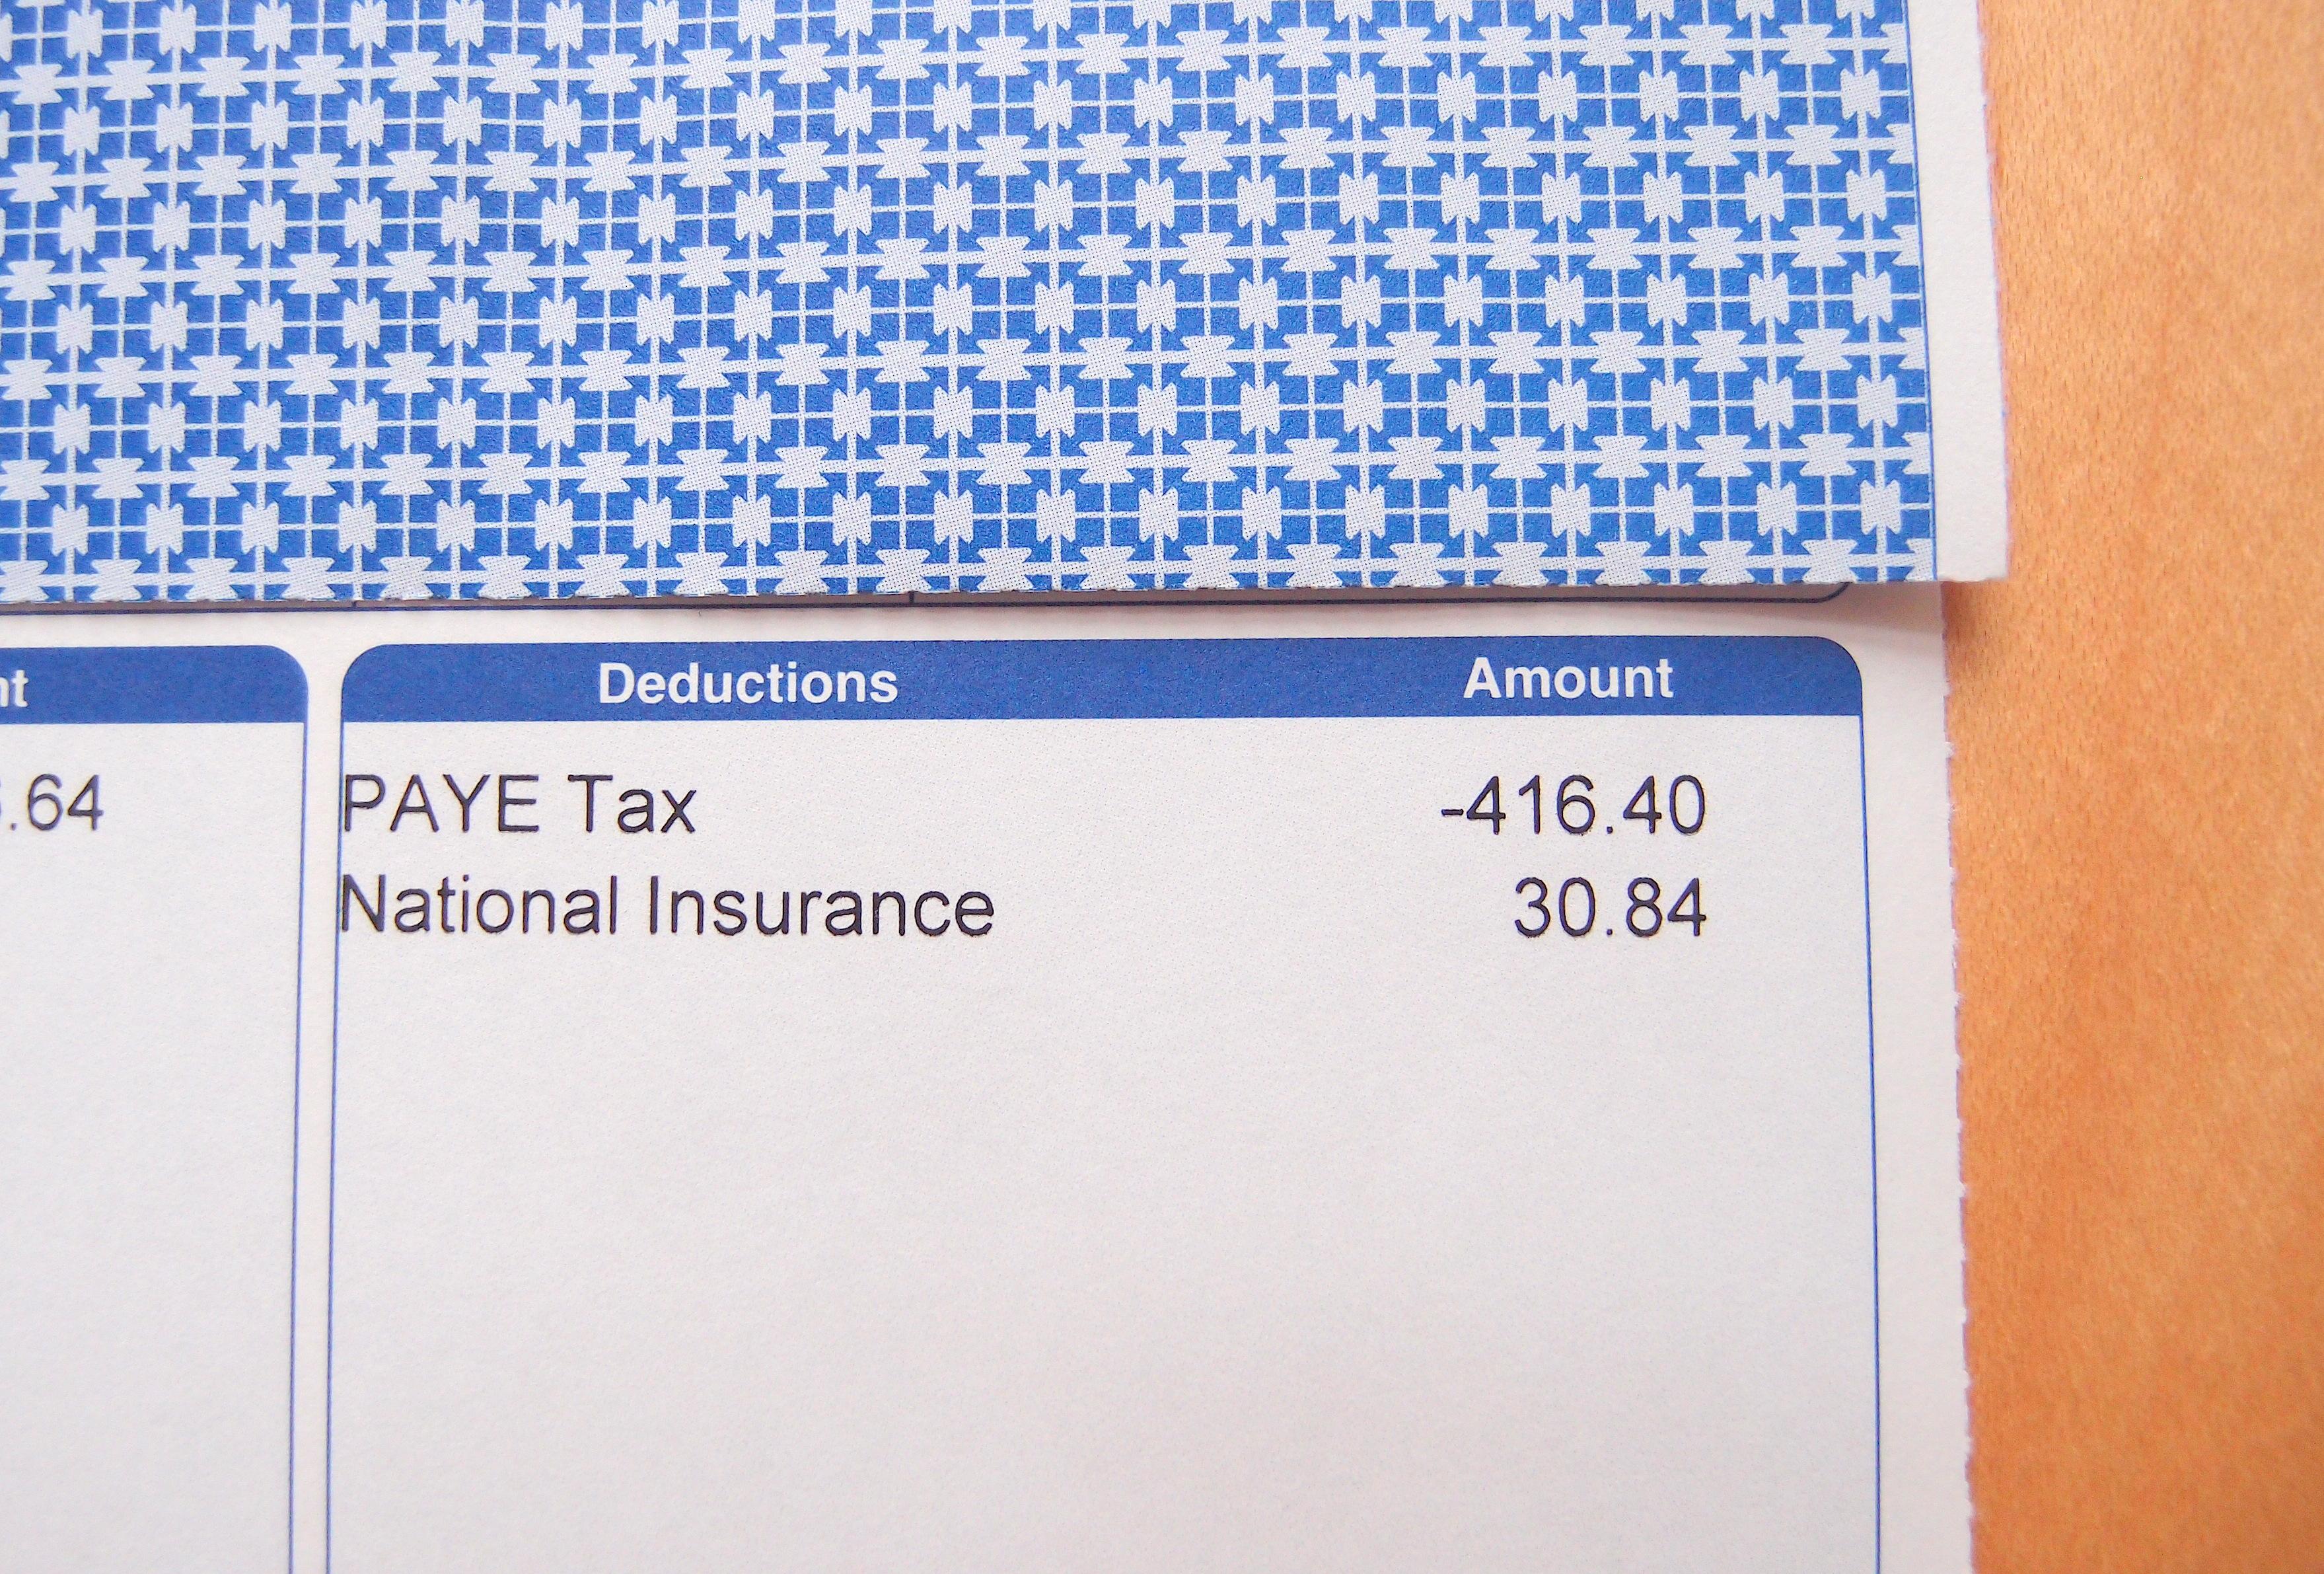 払いすぎたTax が戻ってきた!ダブルワークを辞めた人は、電話一本で tax return (所得税の還付)が可能かも!